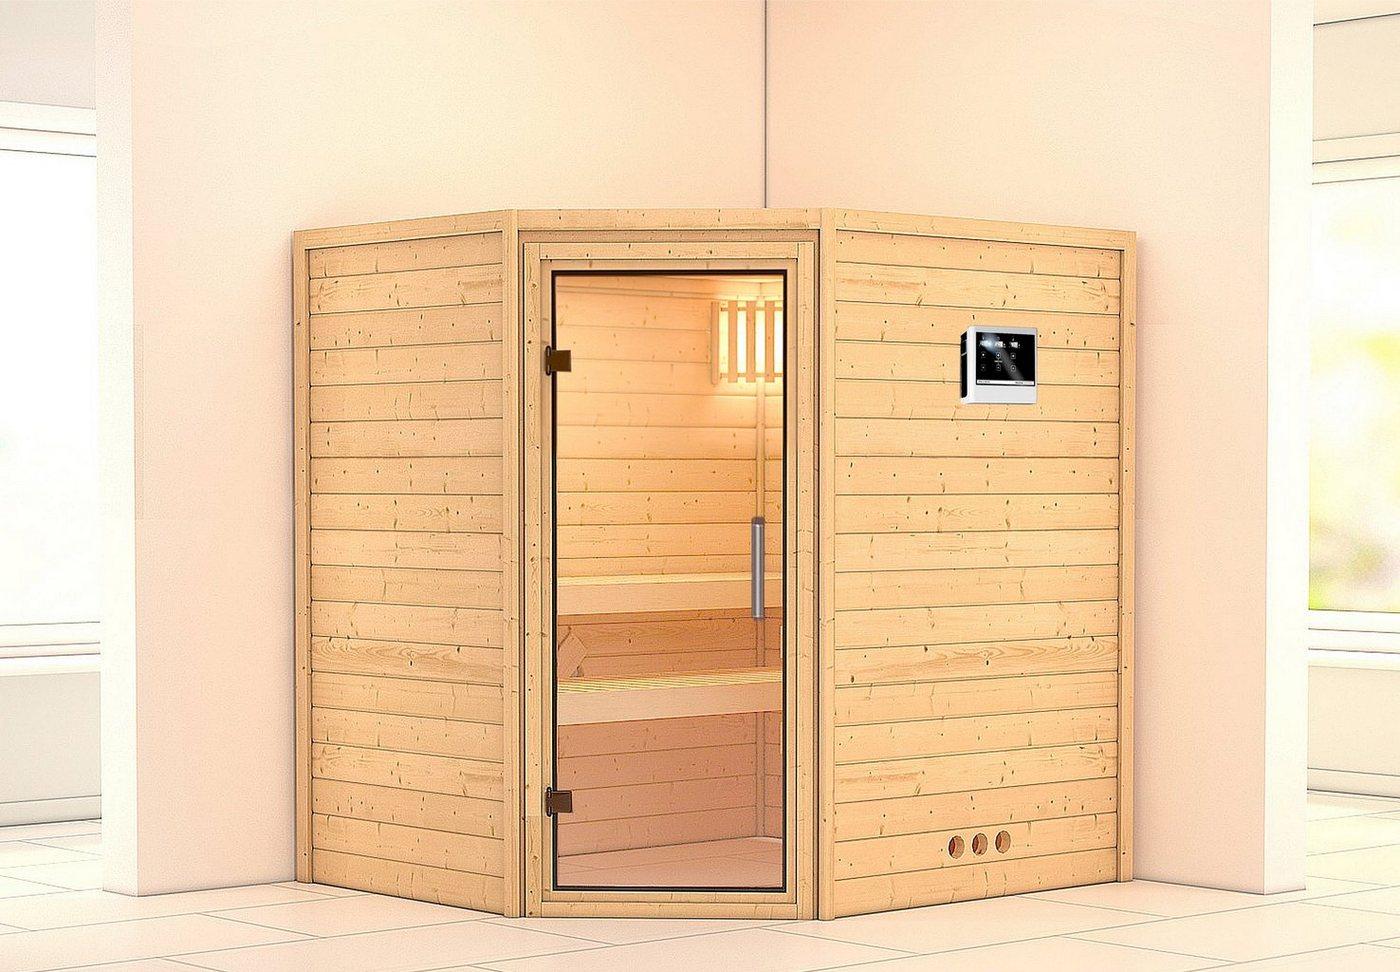 KARIBU Sauna »Mia«, 196/170/200 cm, 9-kW-Ofen mit ext. Steuerung, Glastür klar